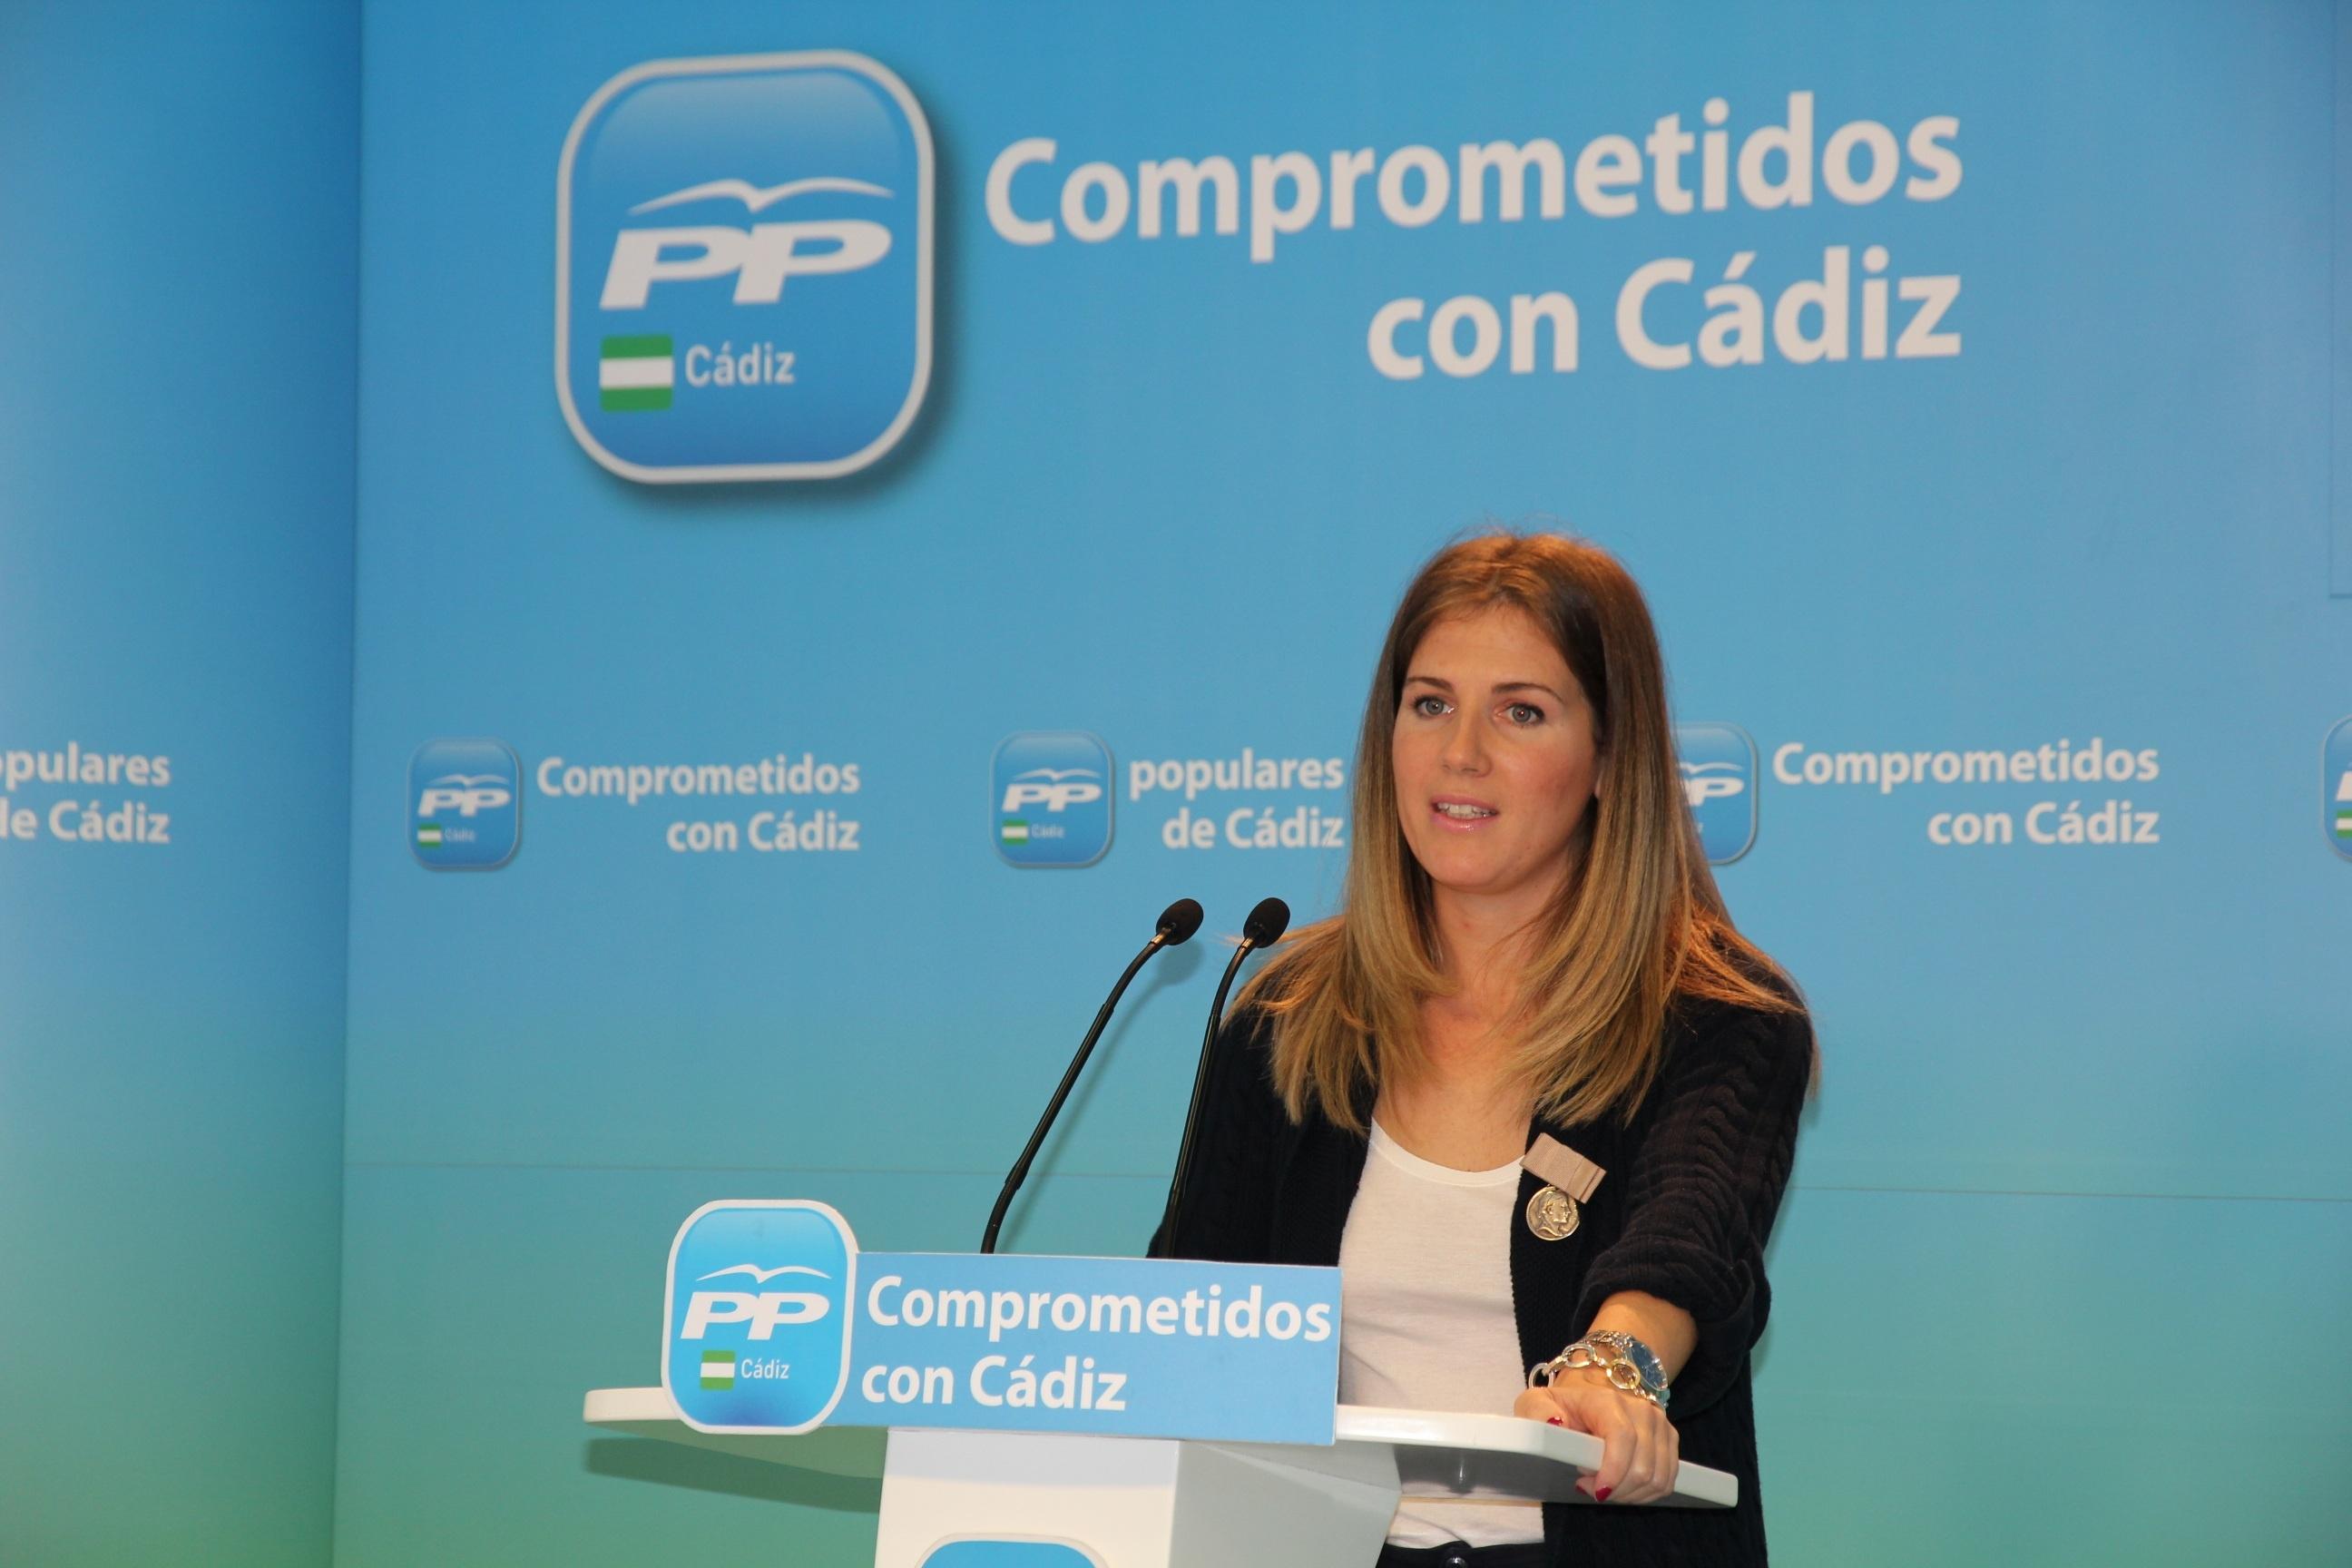 PP critica «la arbitrariedad» con que Junta otorgó a Faffe «subvenciones millonarias» para la formación de Delphi